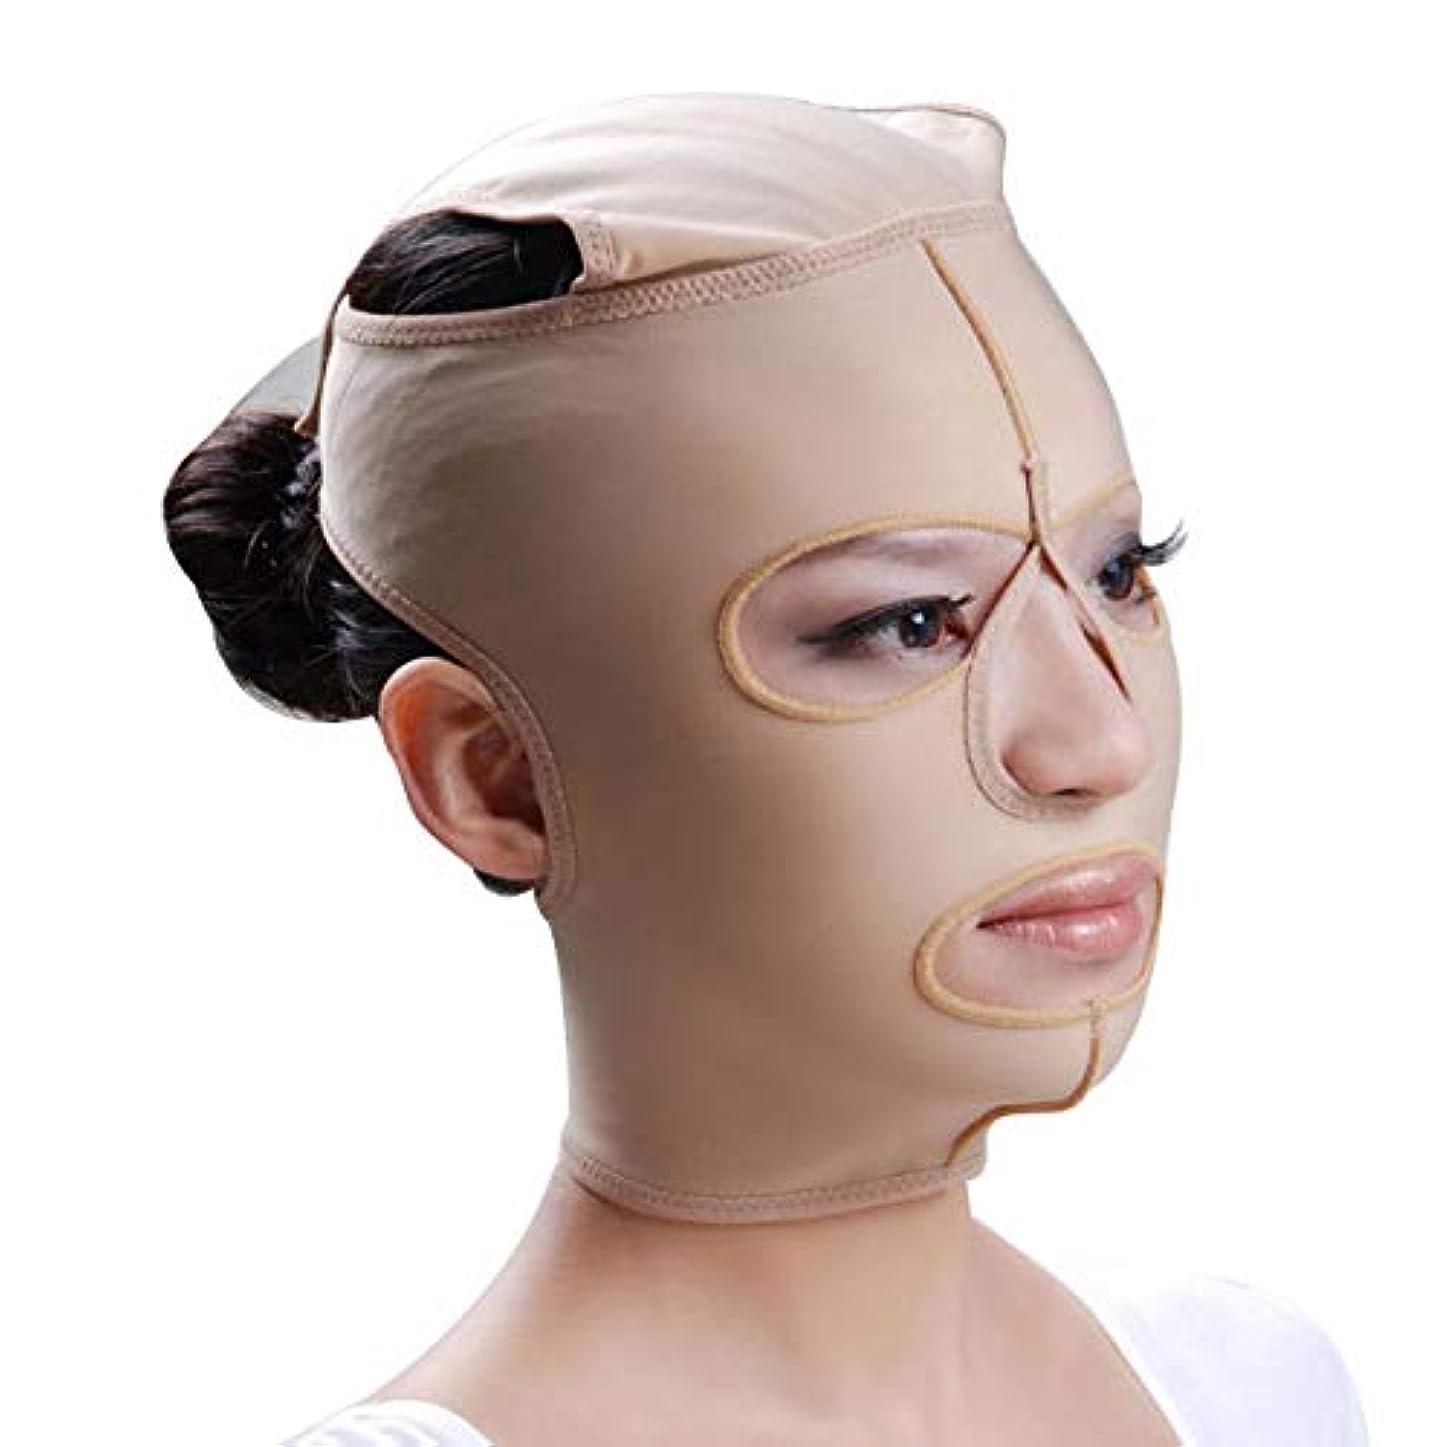 パリティ冗長詐欺GLJJQMY ファーミングマスクマスク弾性表面リフティングファーミングパターンマイクロフィニッシングモデリング圧縮マスク 顔用整形マスク (Size : S)